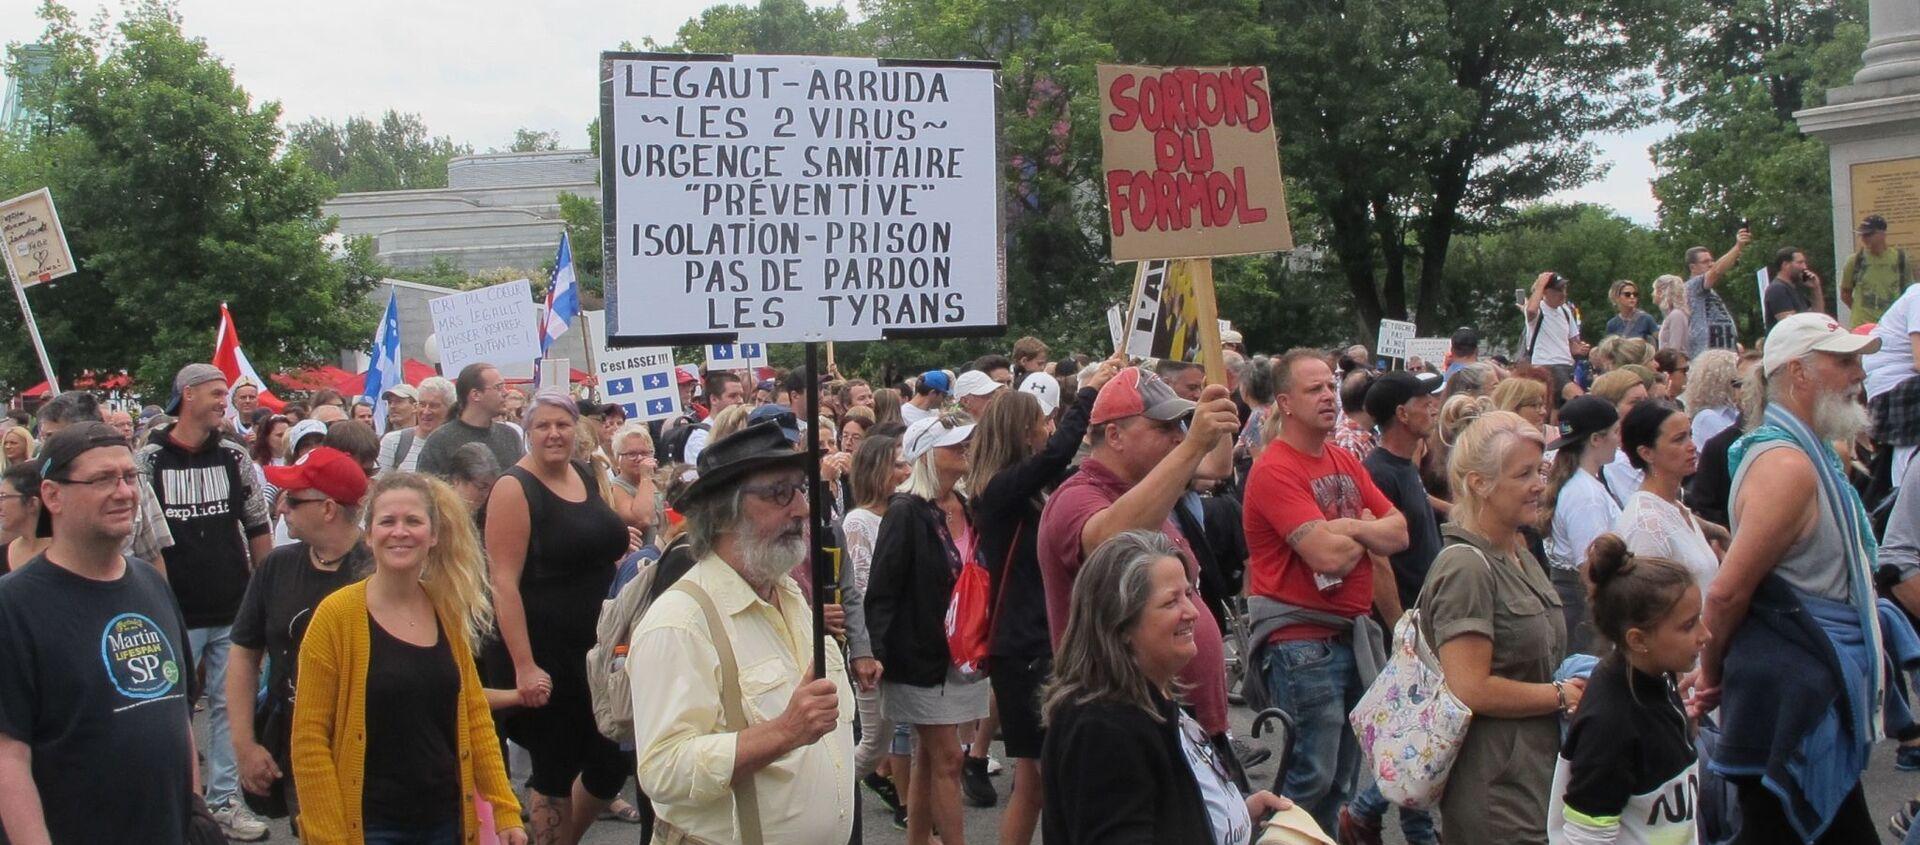 La protestation contre la prolongation des mesures sanitaires se poursuit au Québec - Sputnik France, 1920, 22.06.2021